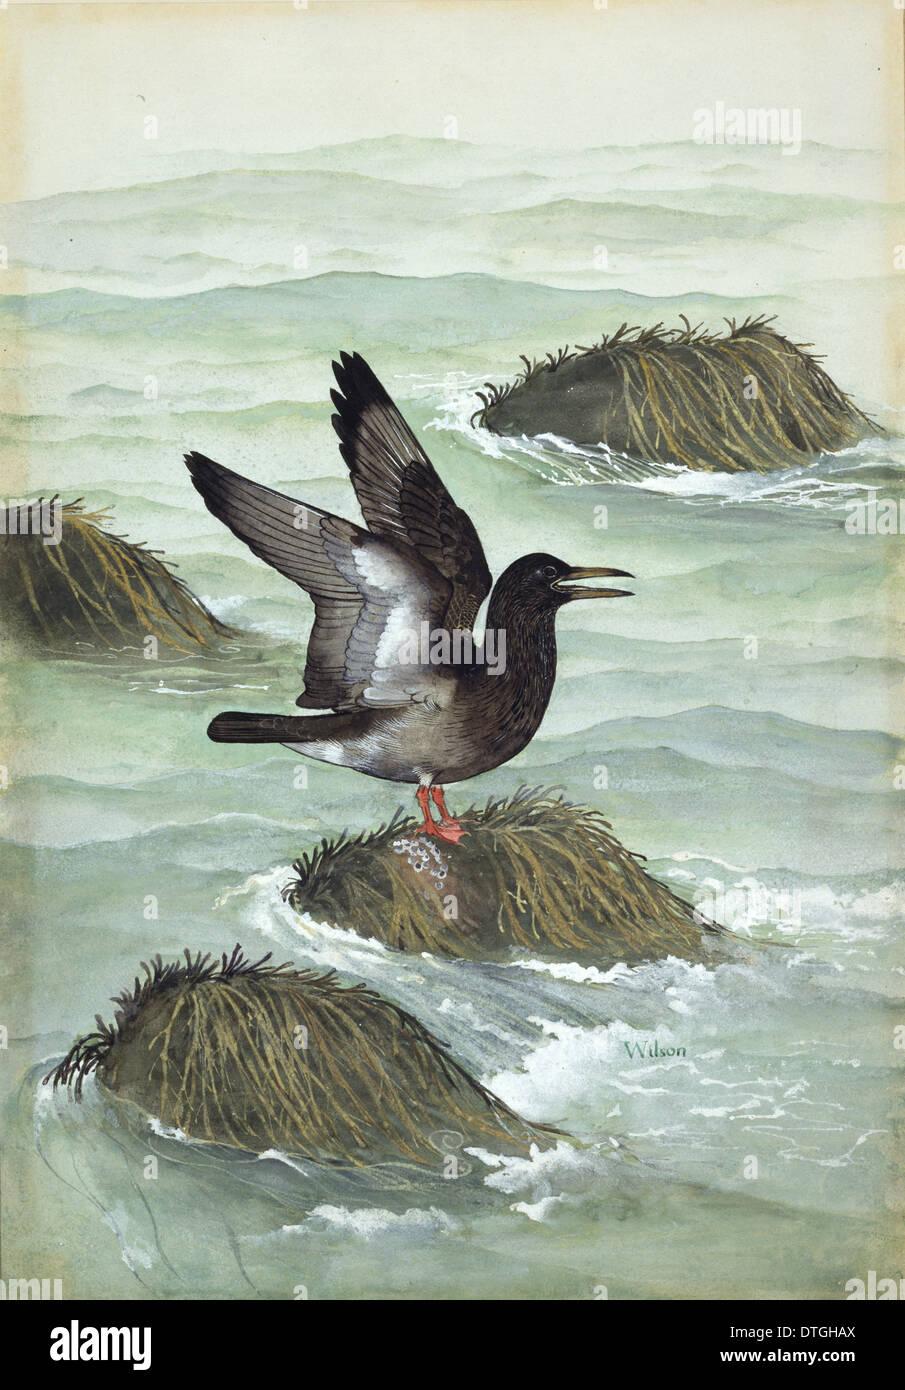 Ichthyornis dispar, Cretaceous Bird Imagen De Stock